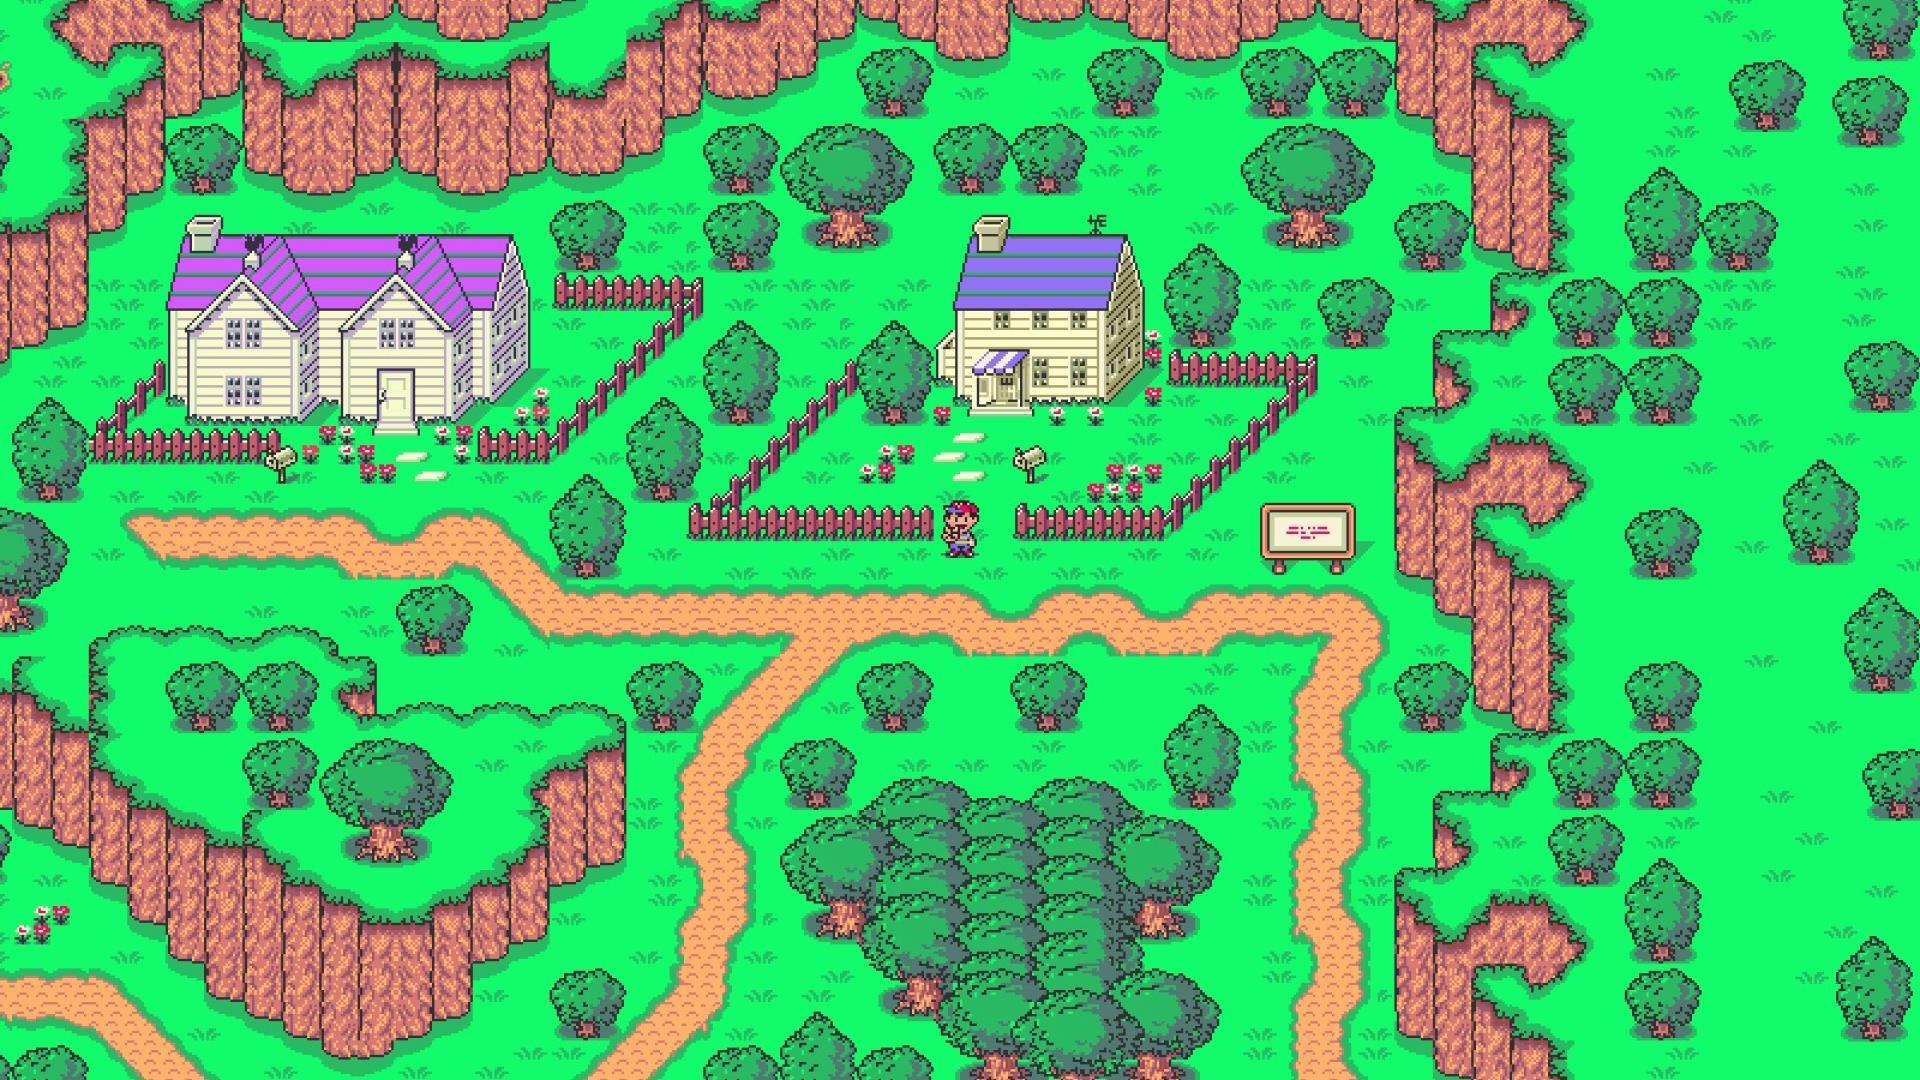 Video games earthbound onett 16 bit ness mother 2 wallpaper 11329 1920x1080